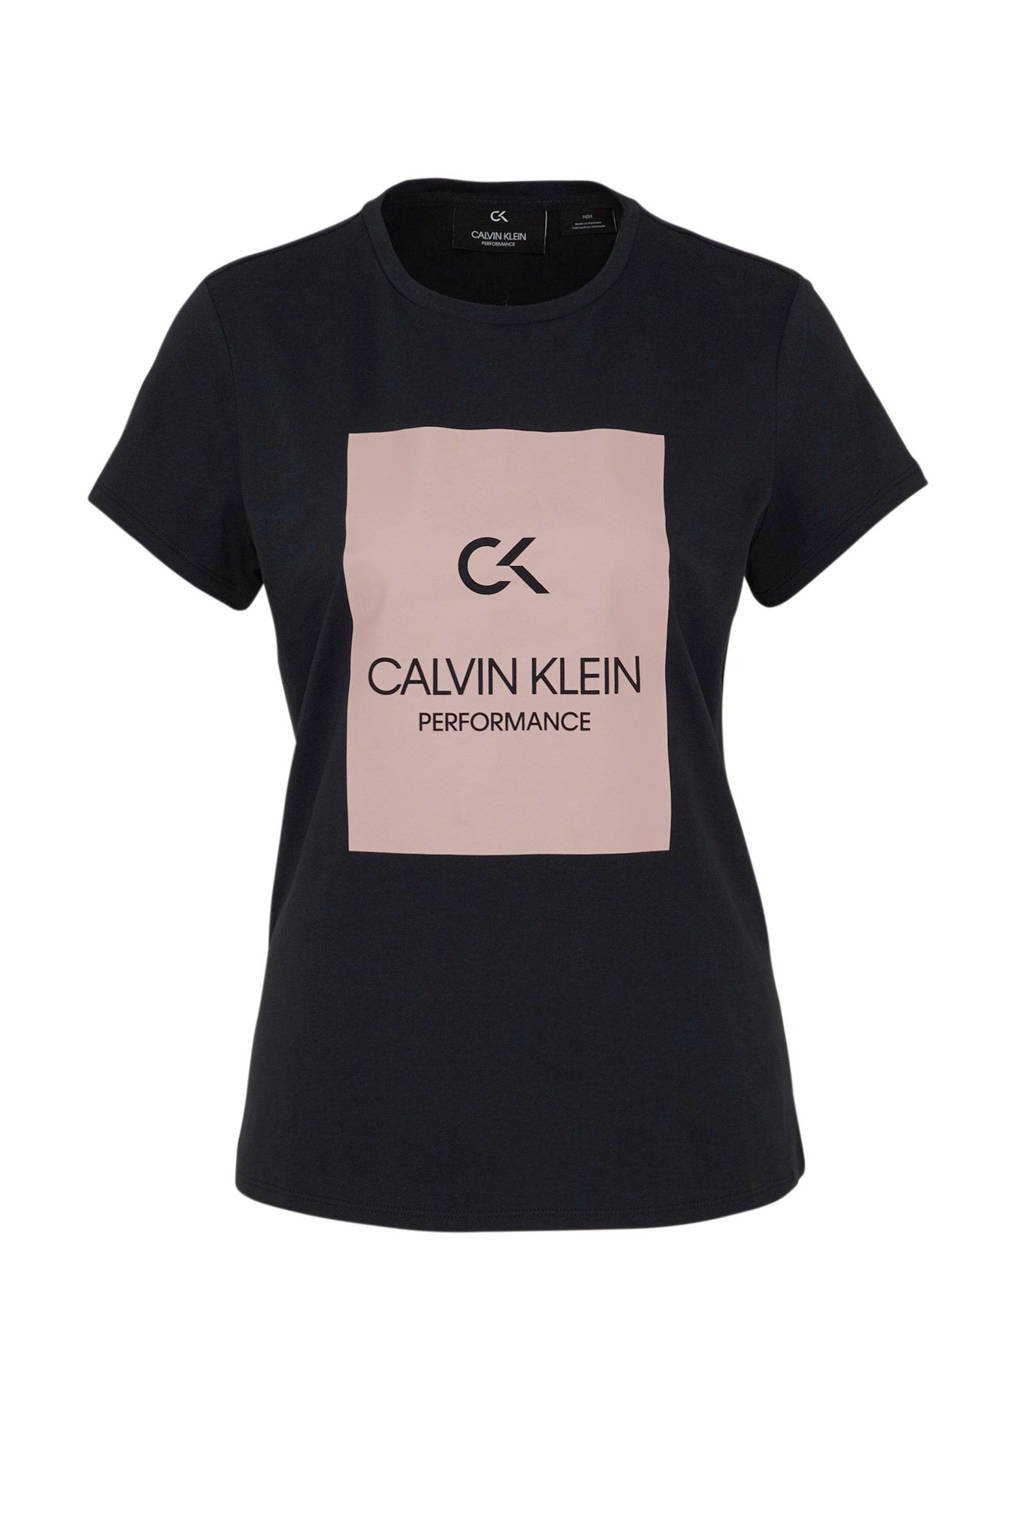 Calvin Klein Performance sport T-shirt zwart/roze, Zwart/roze